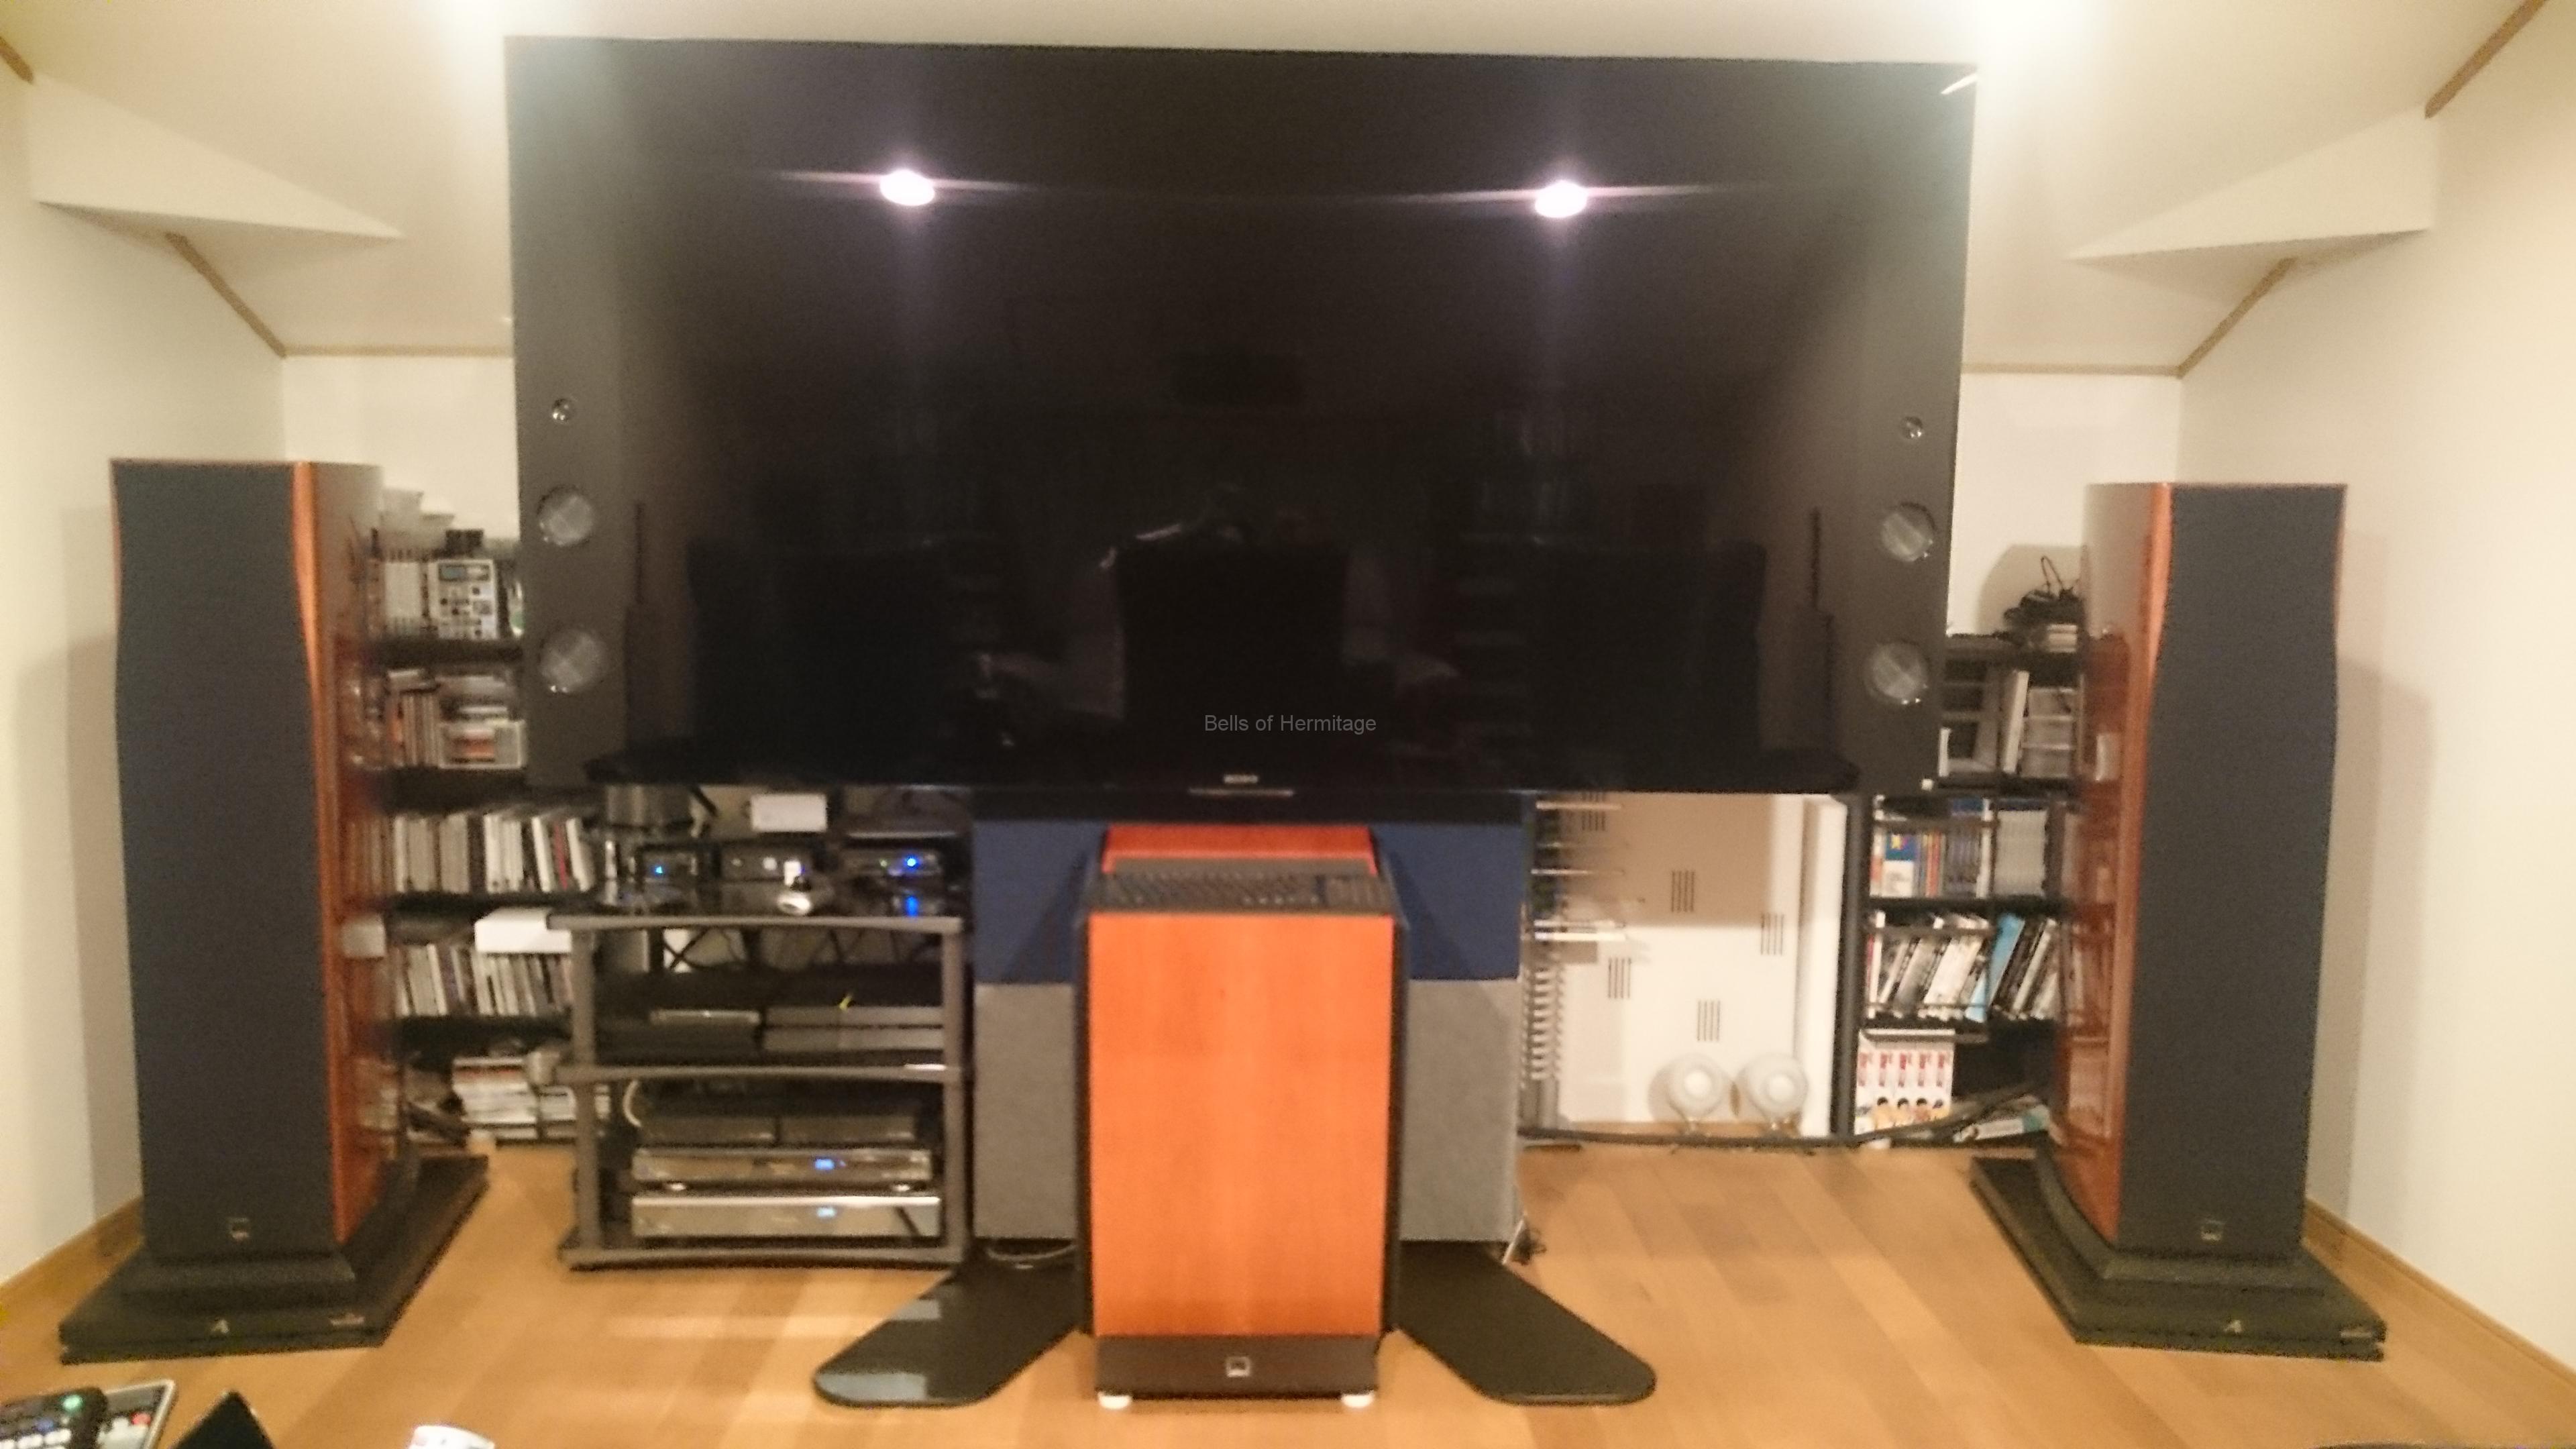 Marantz AV8802A SONY BRAVIA KJ-75X9400C Dolby Atmos DTS:X デモディスク ホームシアター 4K